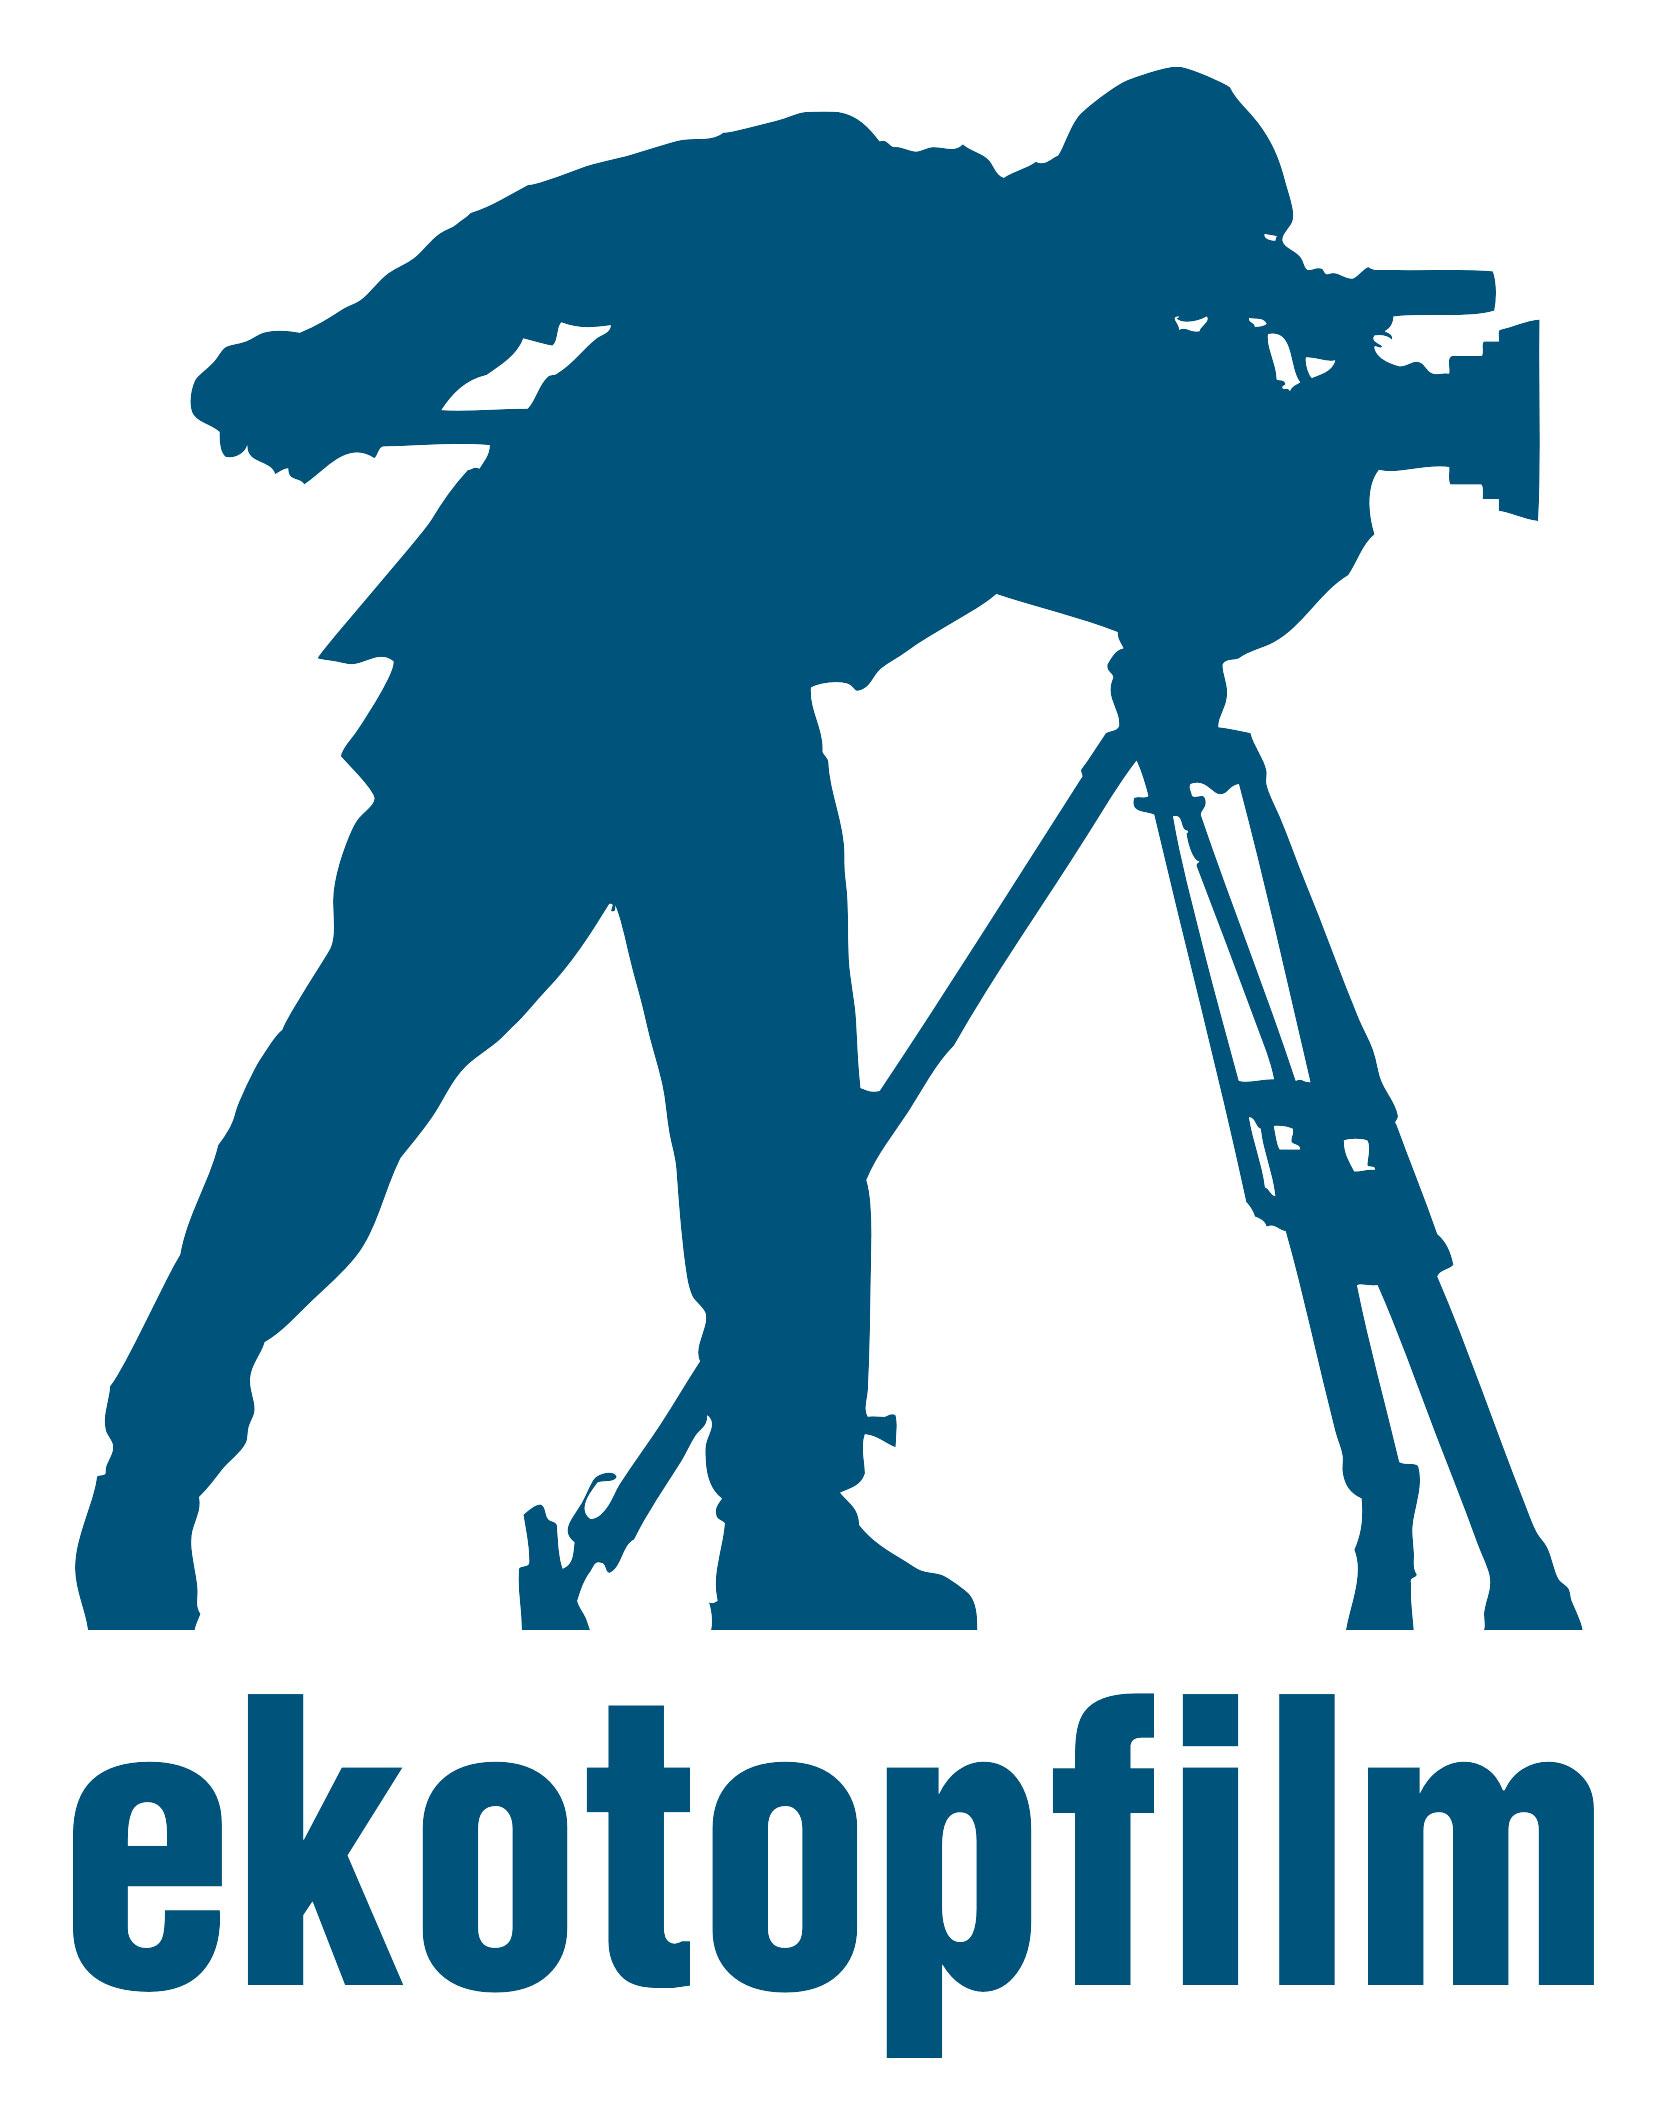 Logo_ekotopfilm